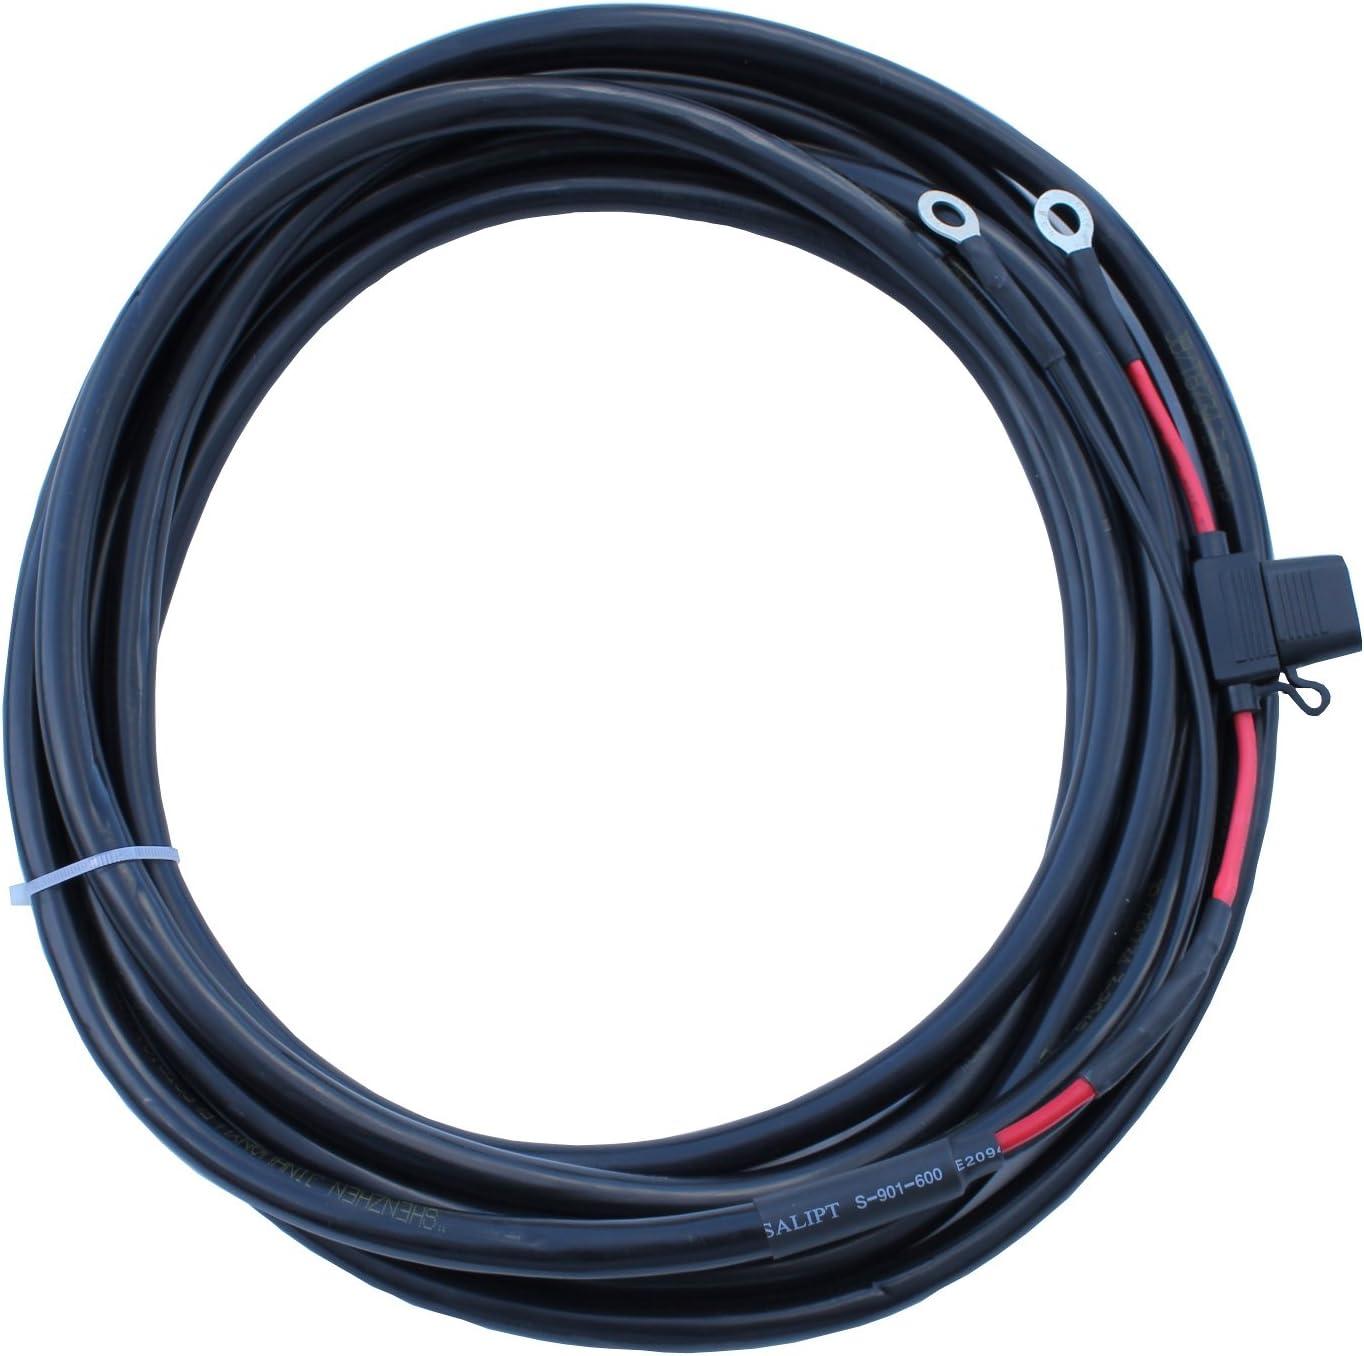 20 A et bague des cosses /à anneau Rallonge Dual Core 5 m 6.0/mm2 avec un porte-fusible 8/mm